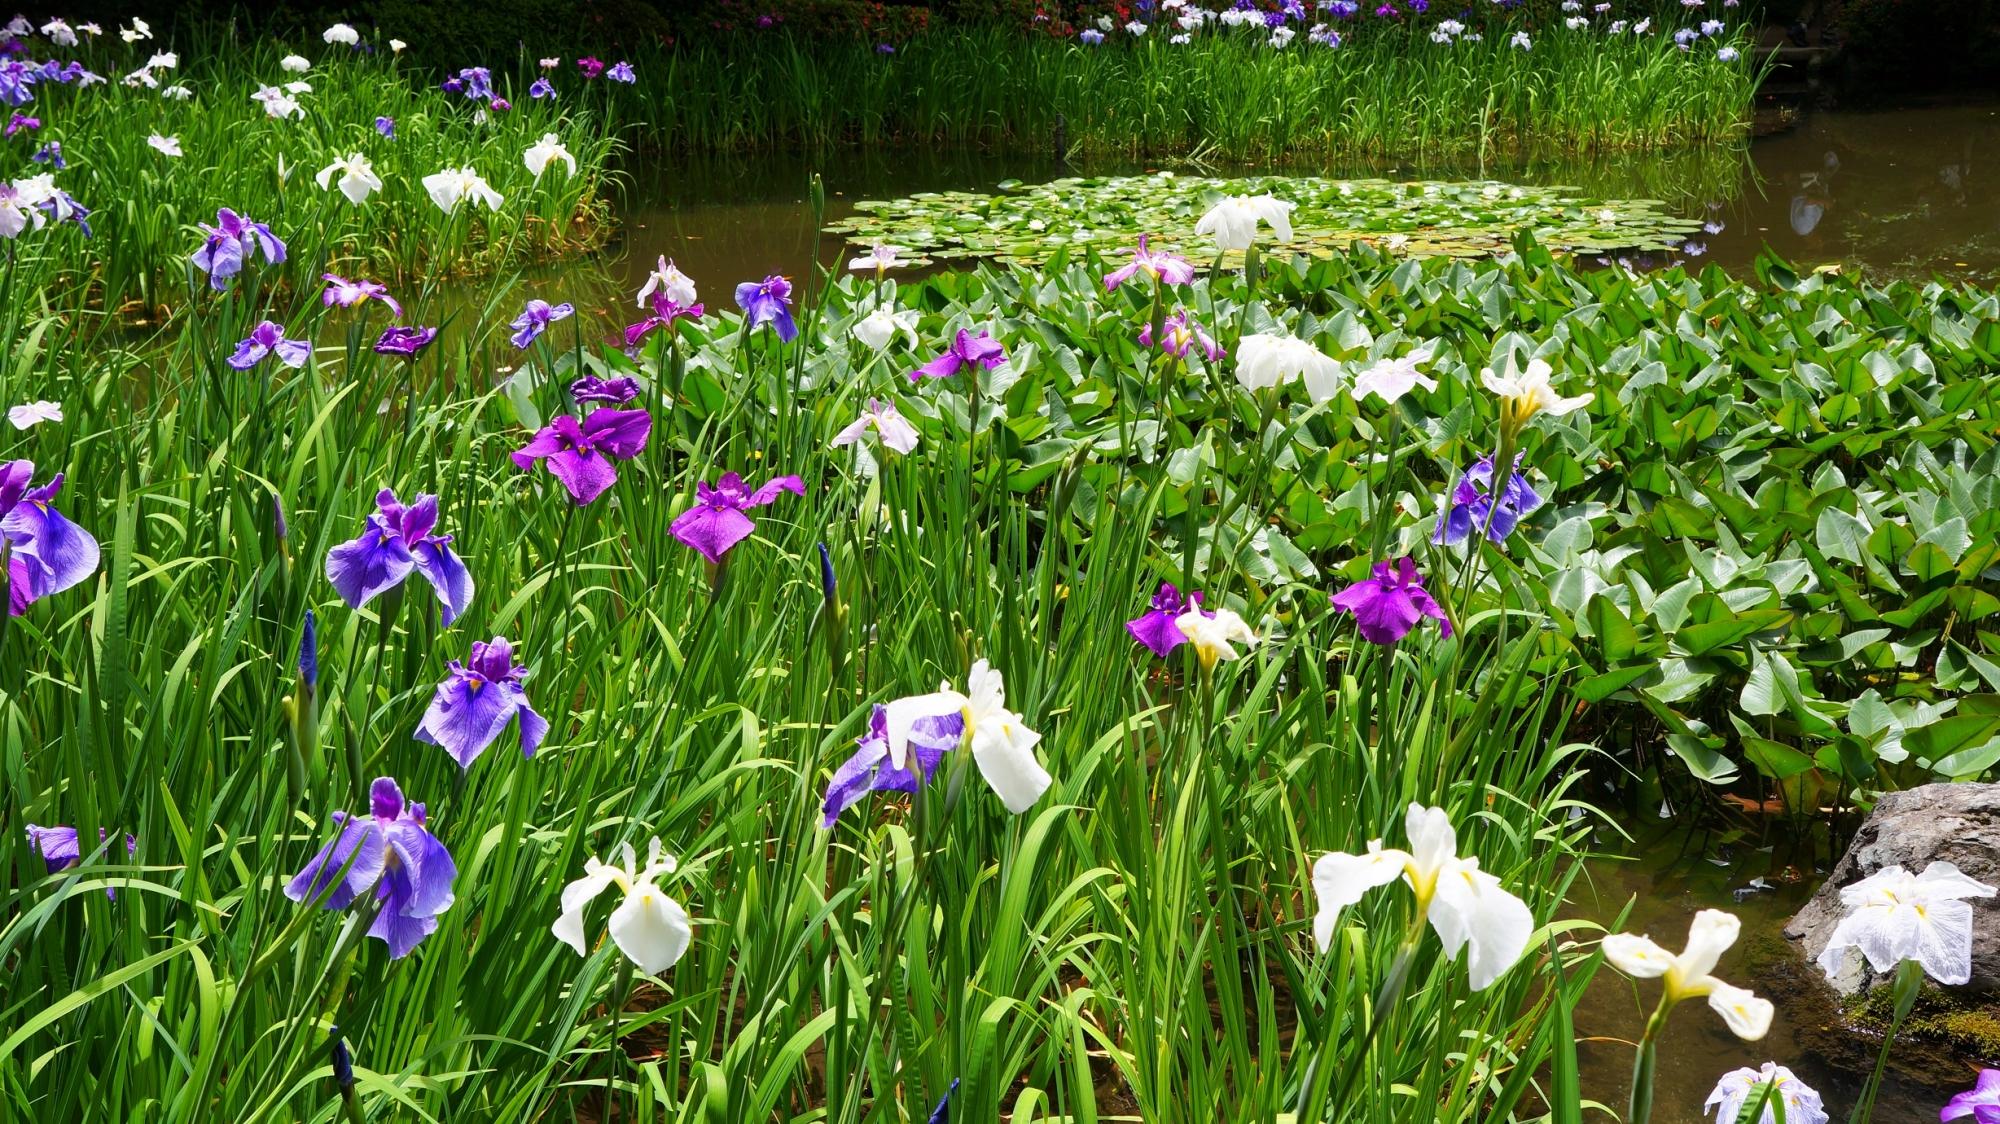 満開のハナショウブにつつまれた春の平安神宮神苑